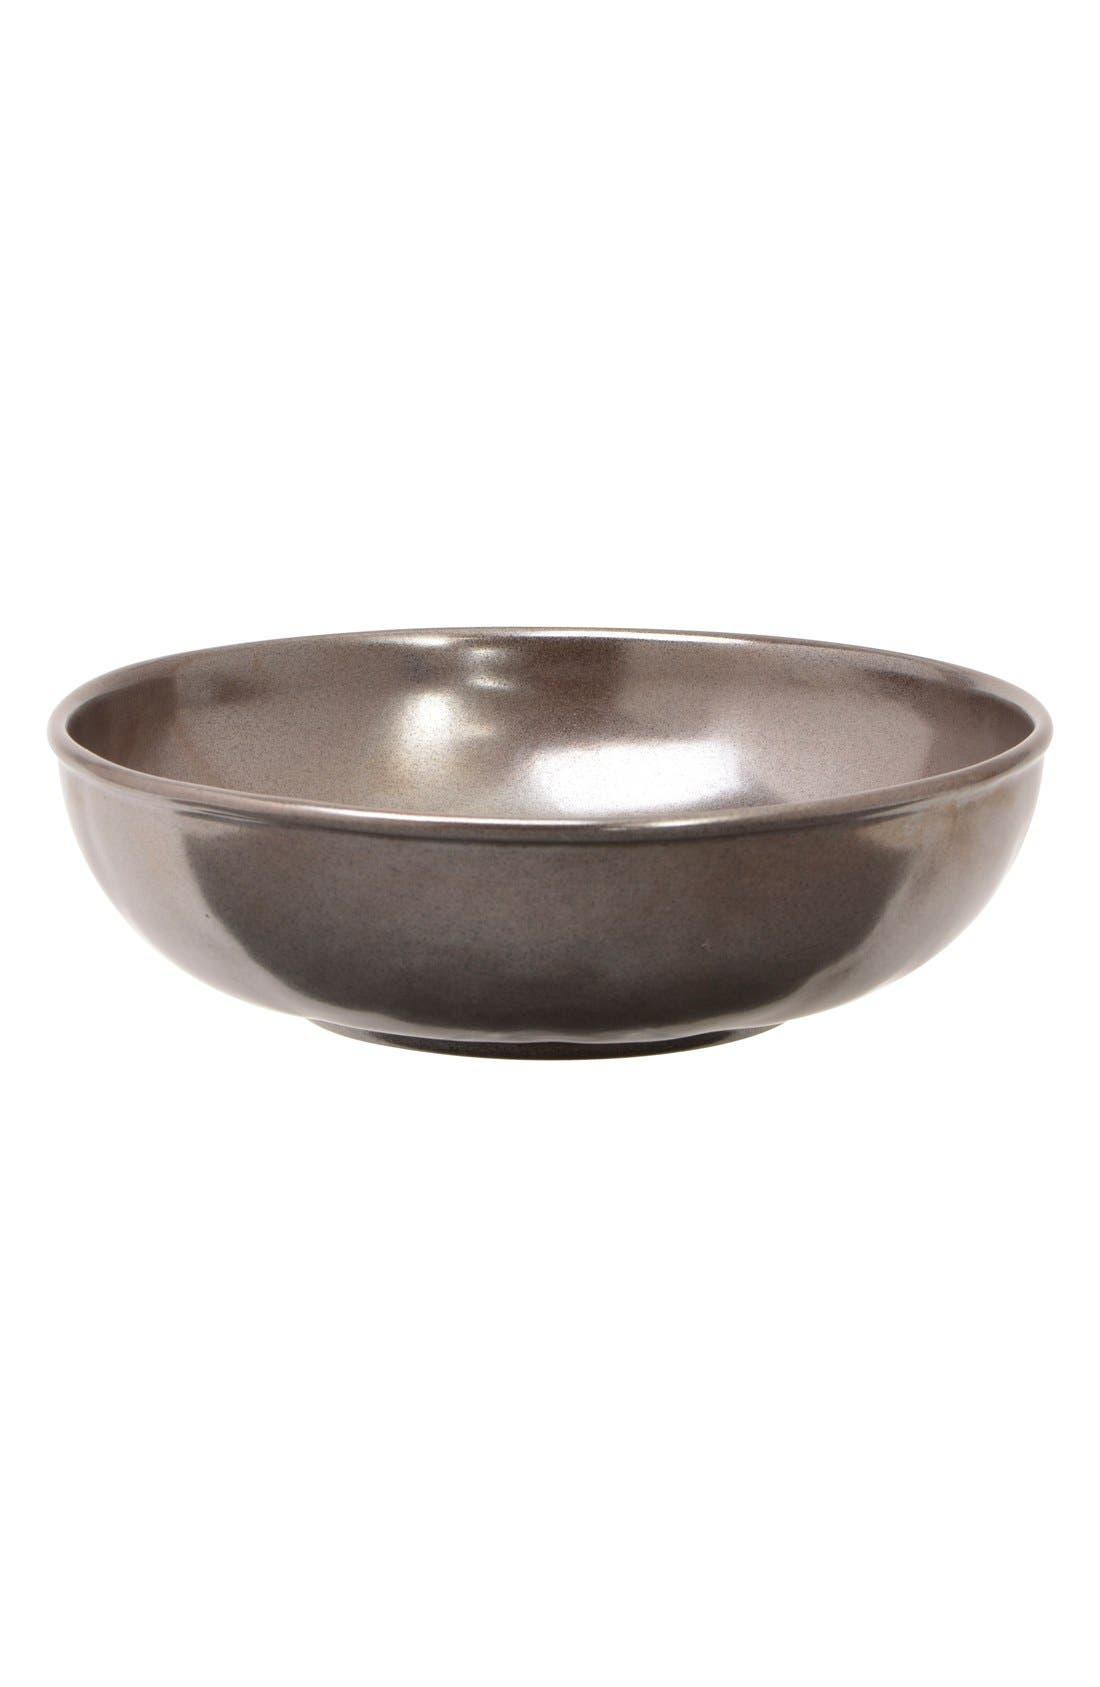 Alternate Image 1 Selected - Juliska'Pewter' Stoneware Soup Bowl